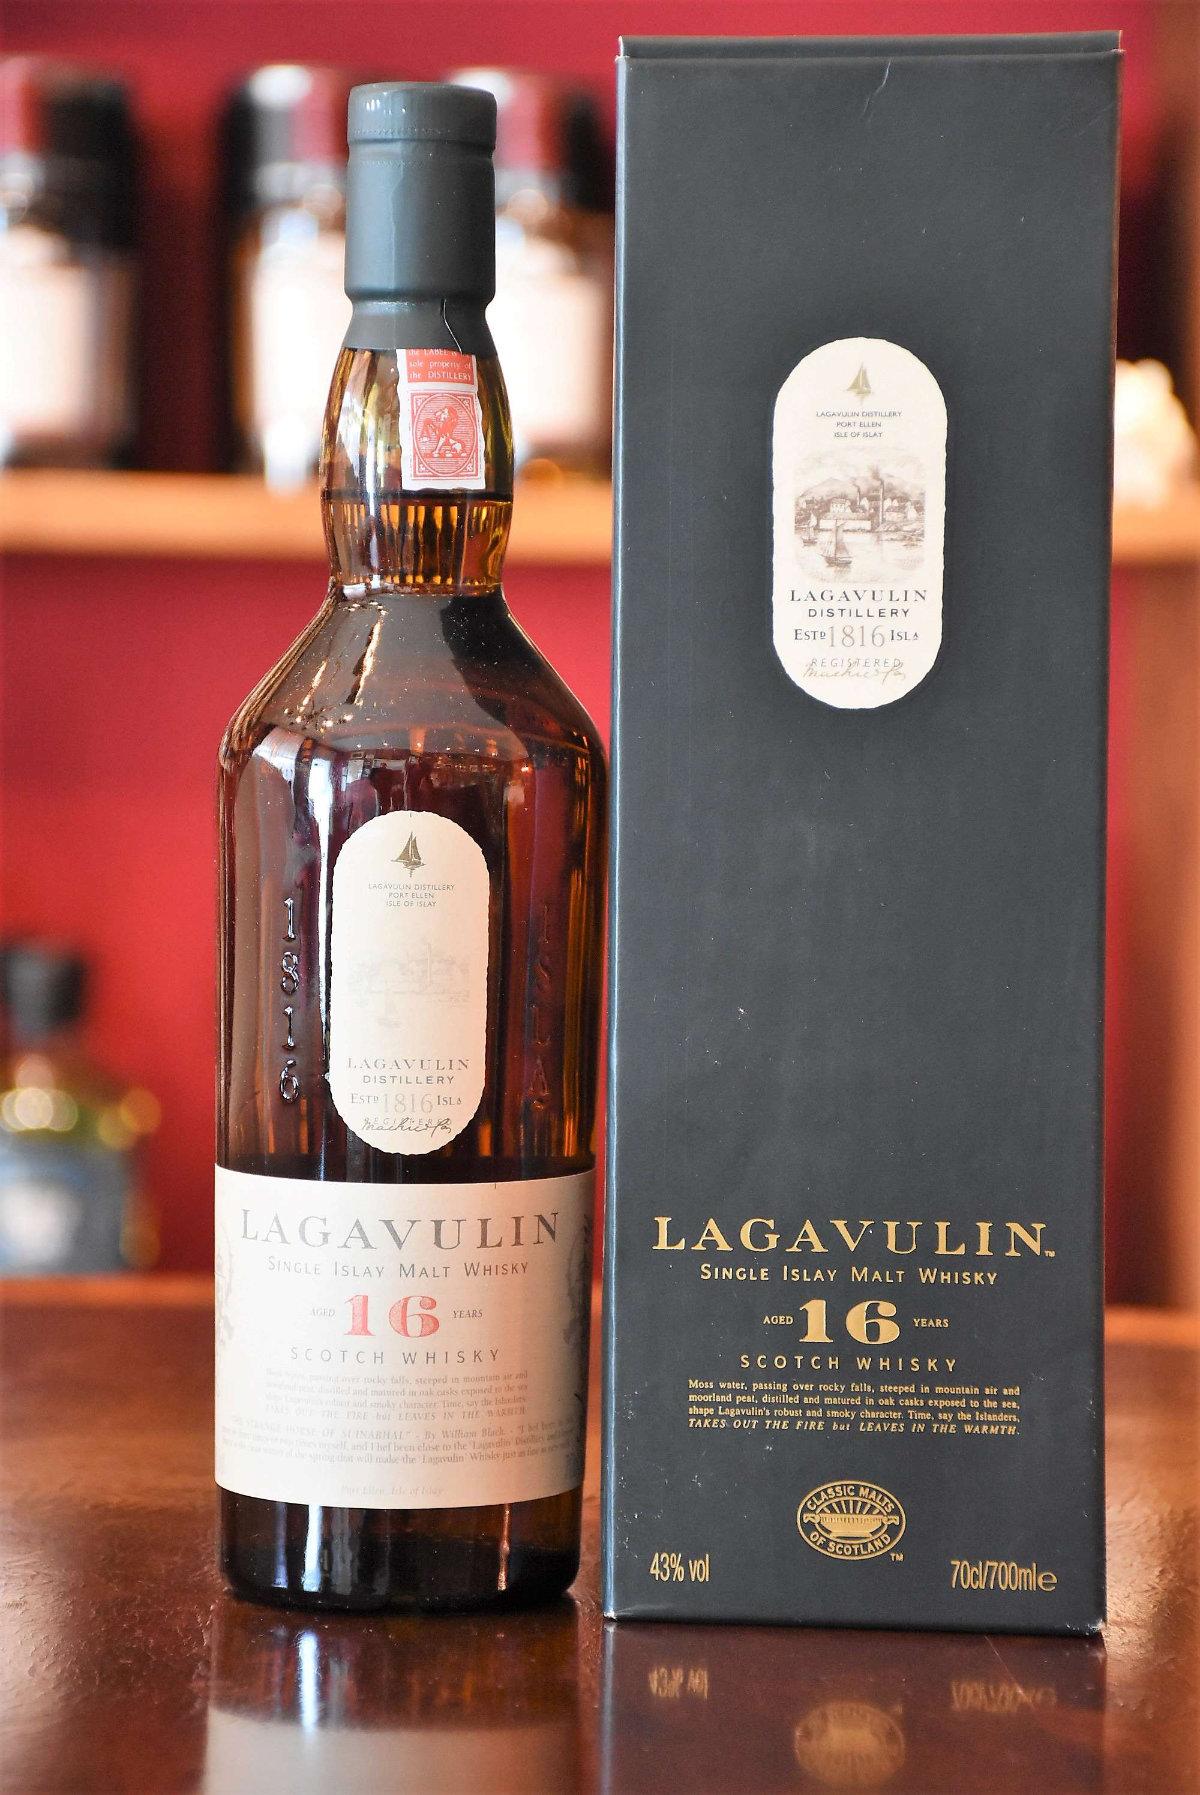 Lagavulin 16 y.o. - Bottled latest 2002, 43% Alc.Vol.